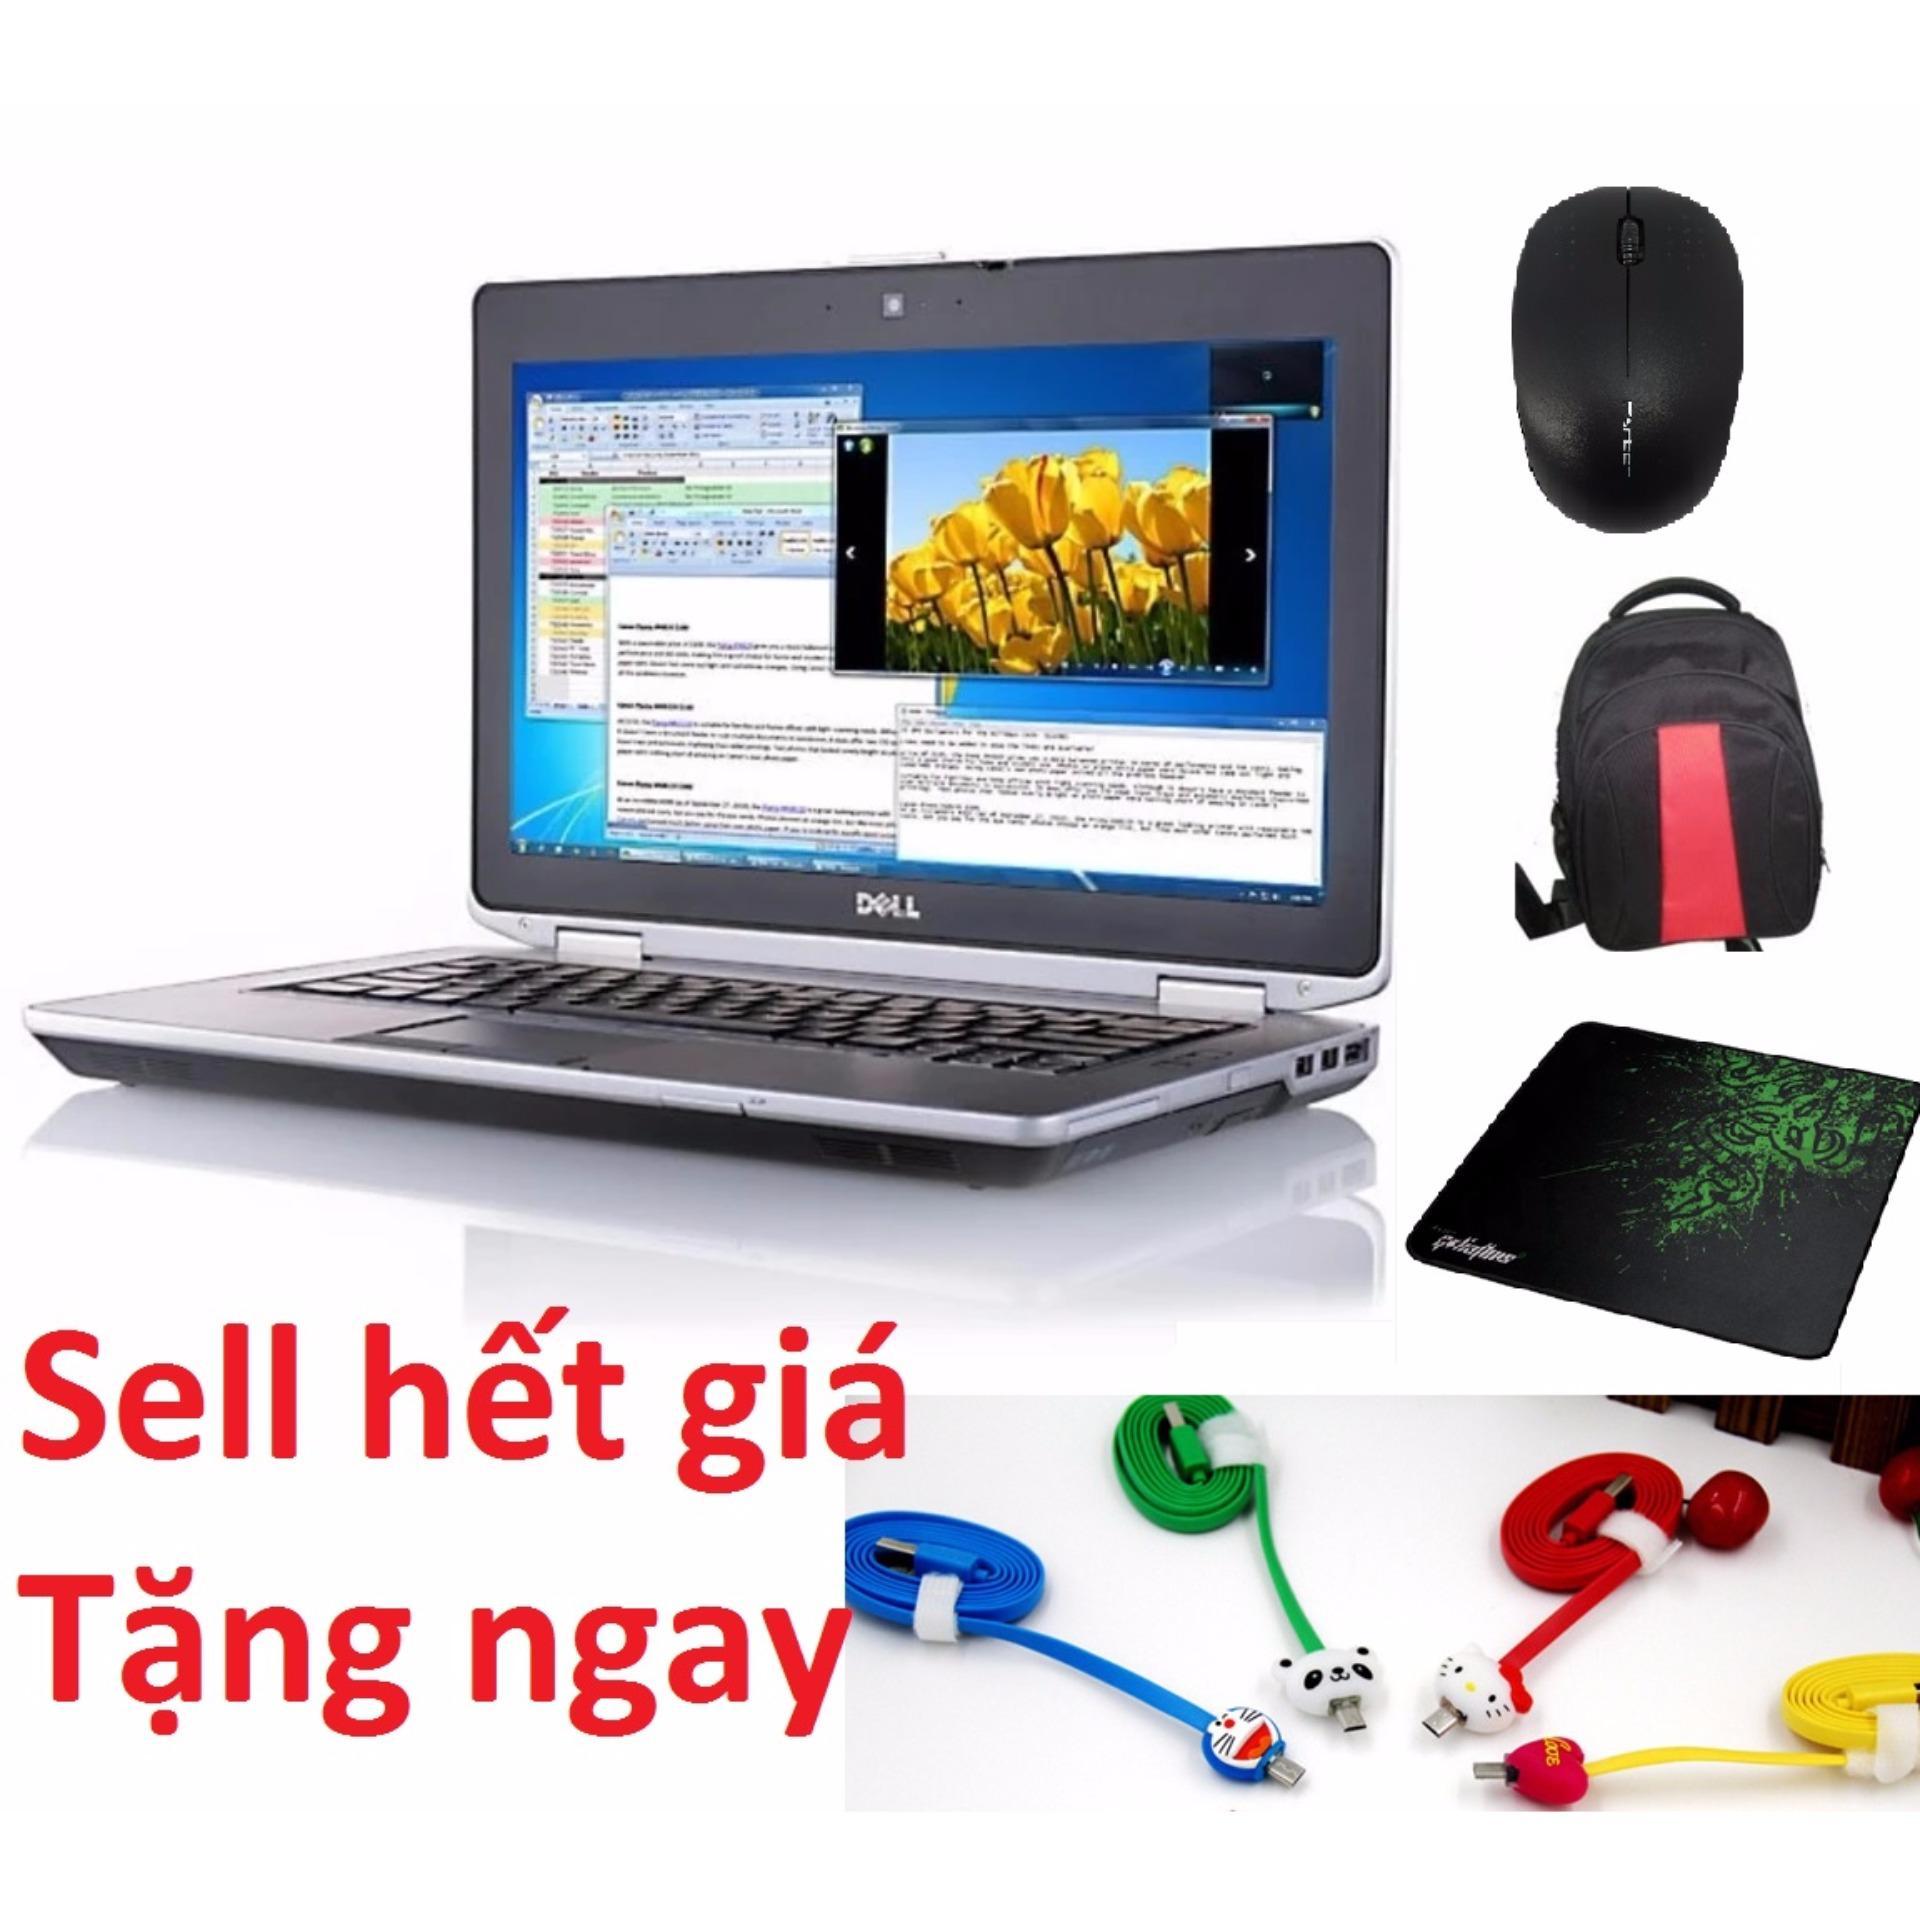 Đánh giá Laptop dell Core i5 – 3320M HDD 250 4GB hàng nhập khẩu chất lượng nhật bản Tại Maytinhnhapkhau vn